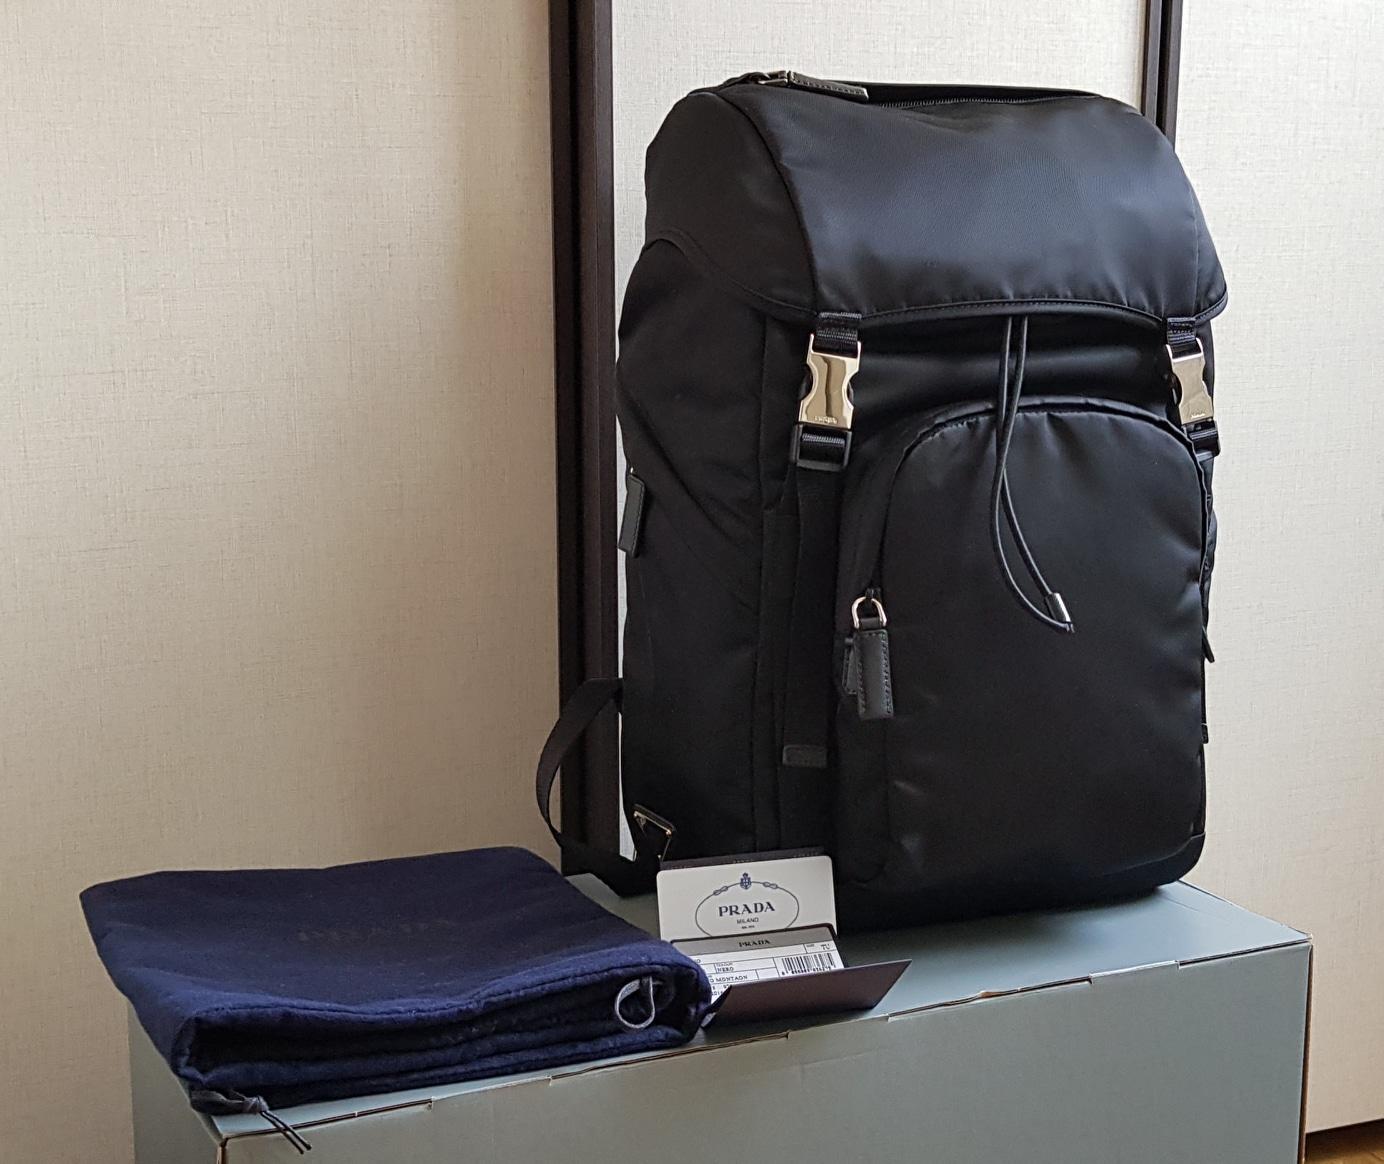 정품 프라다 포코노 백팩, 프라다 가방, 프라다백팩, 2VZ135